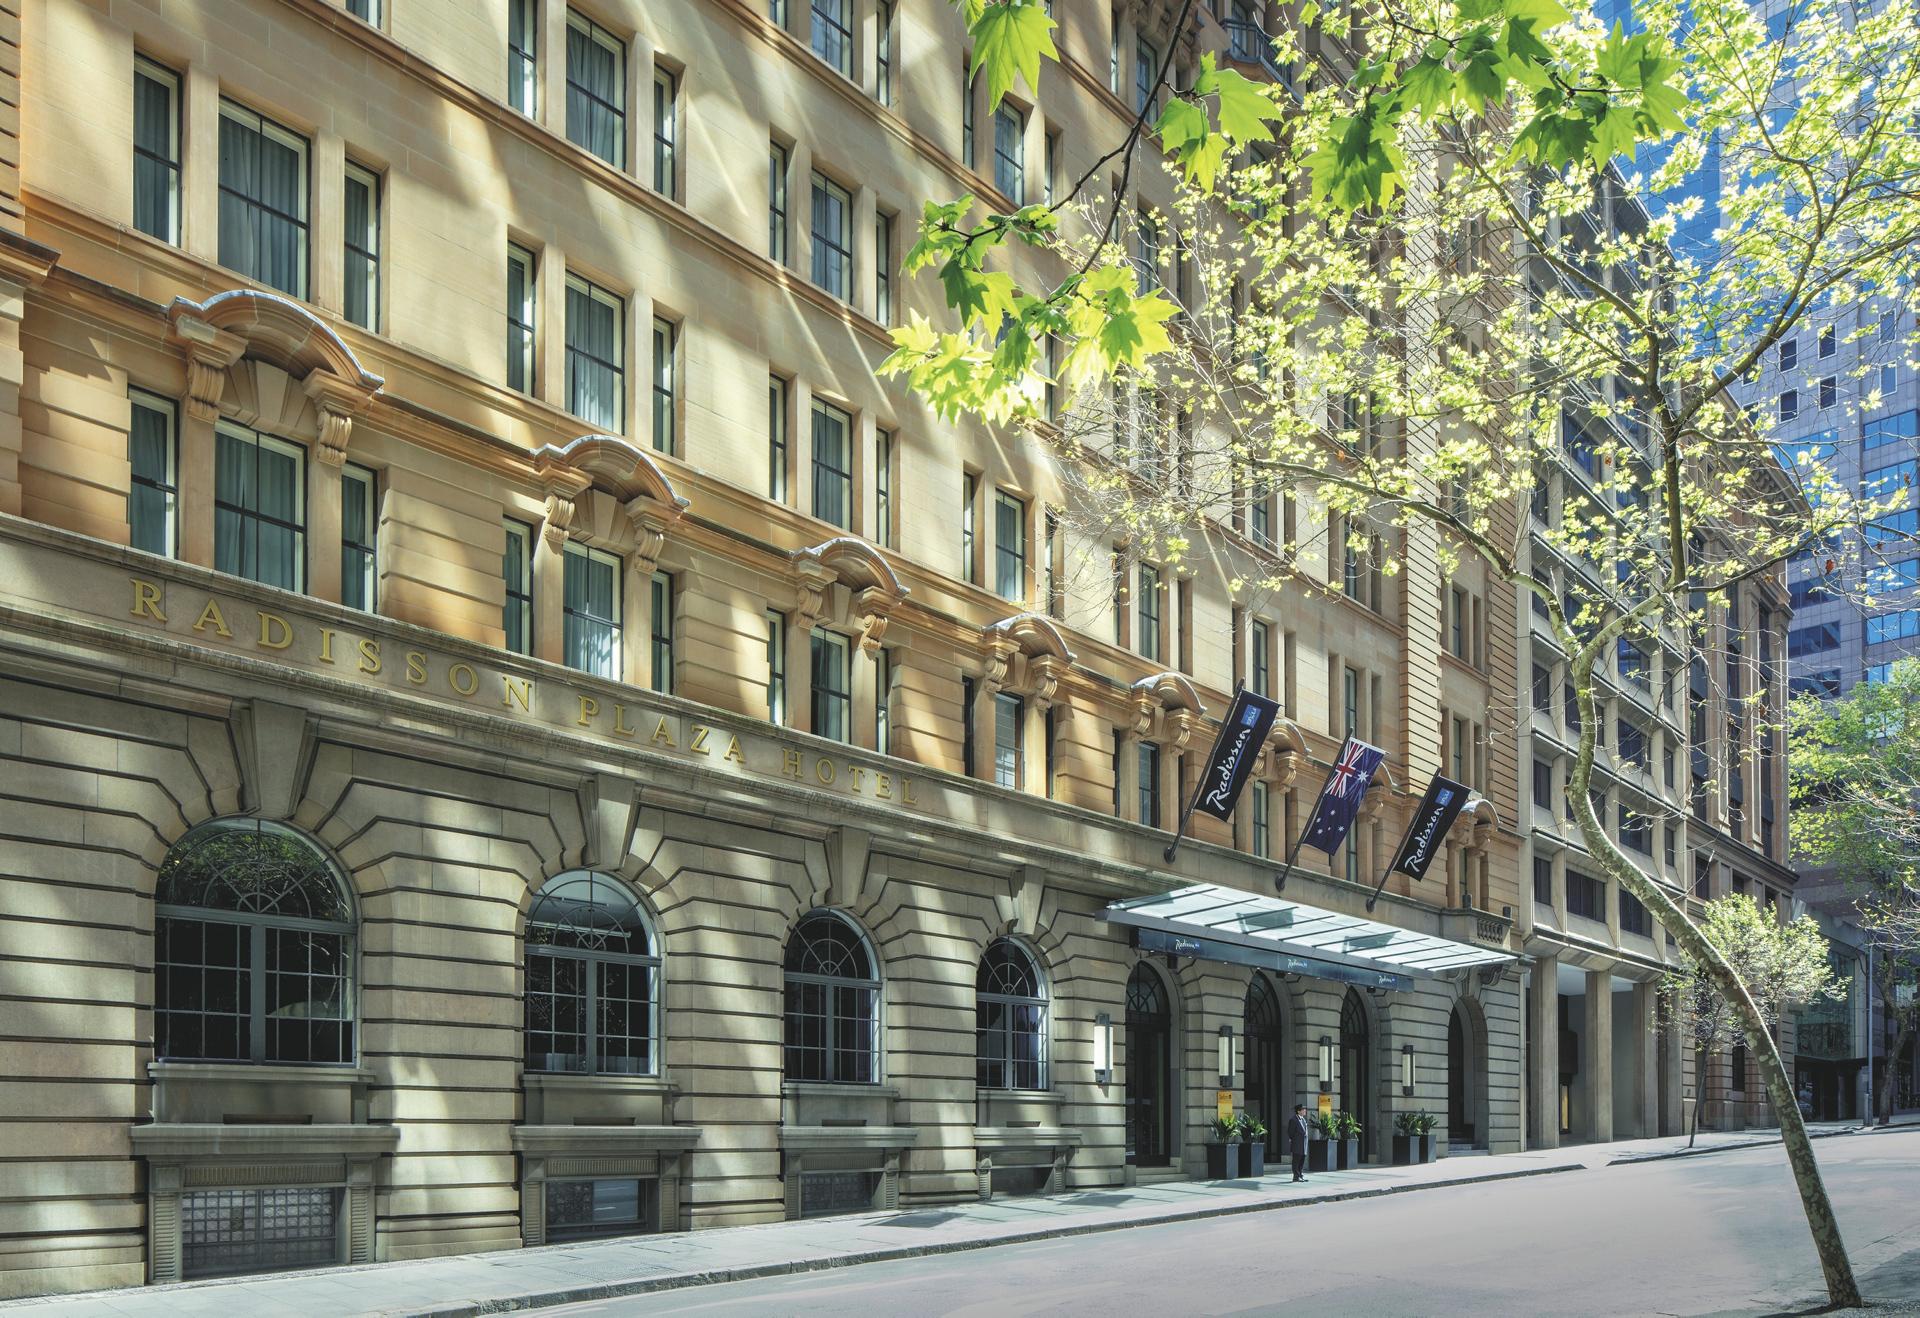 Radisson Blu Plaza Sydney